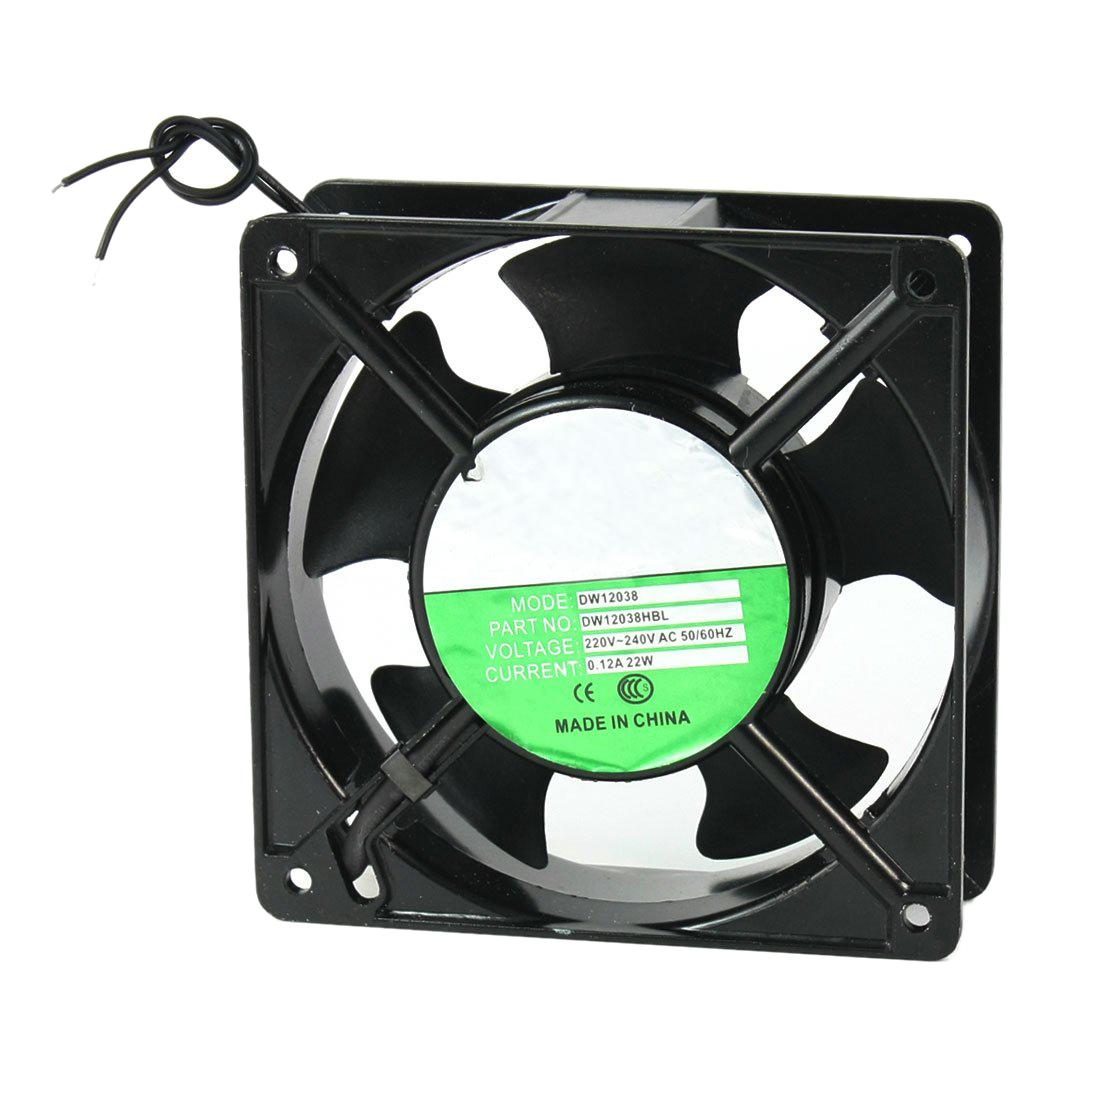 Axial Flow Fan Blade : Mm blades metal frame axial flow cooling fan